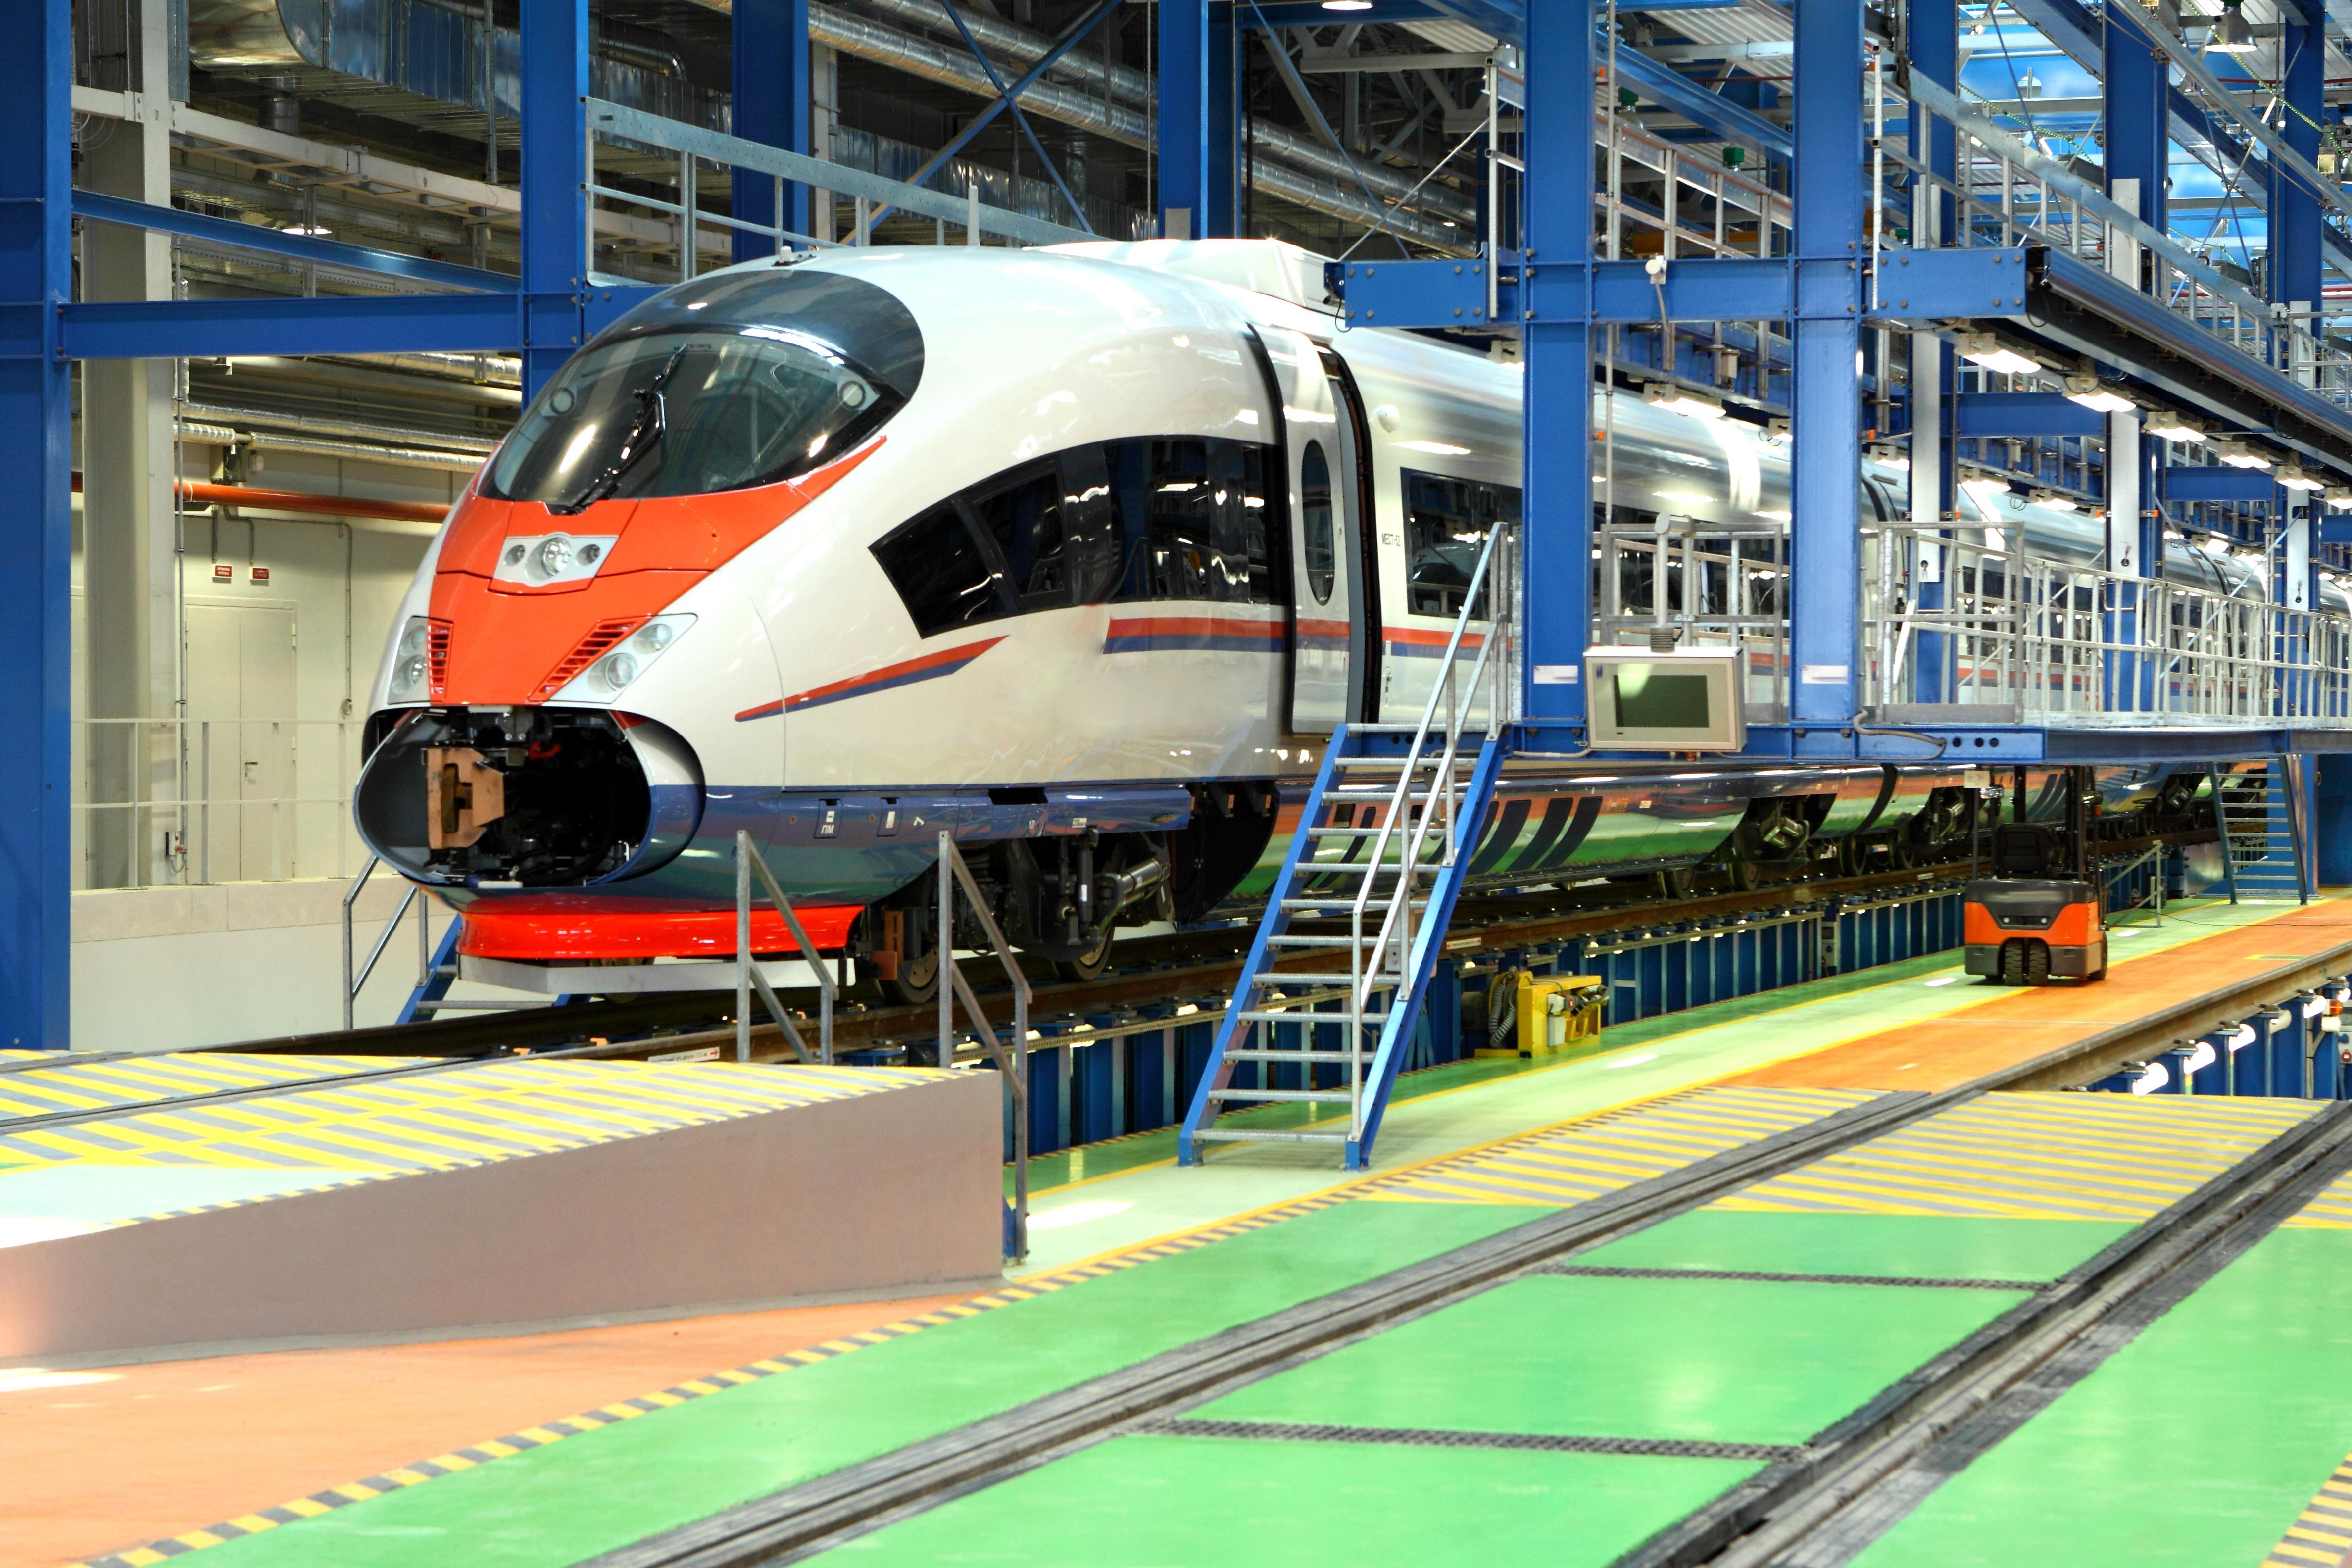 Anwendungsbereiche - Transport & Verkehr